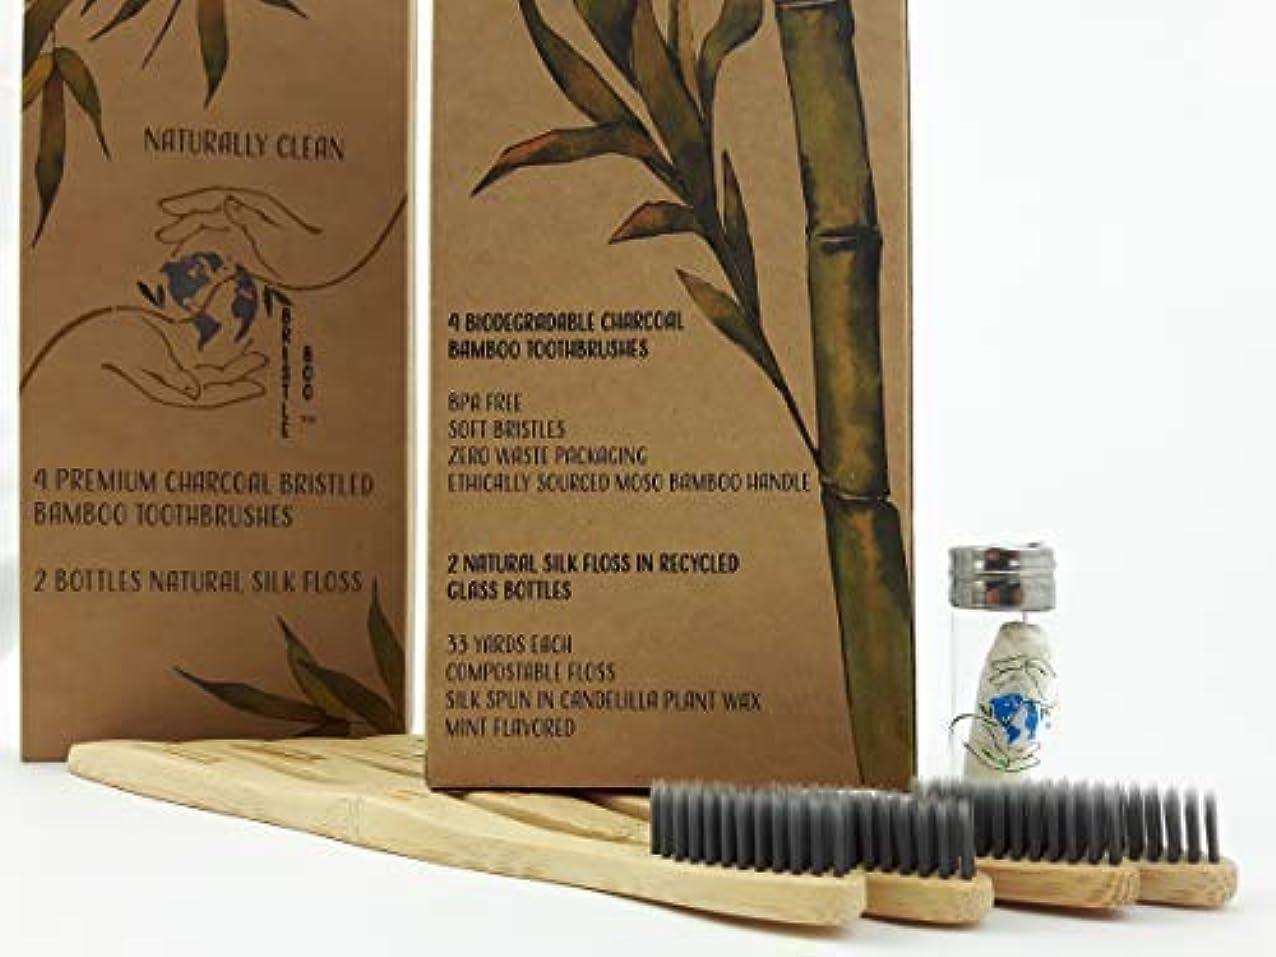 気質脅威作るAll Natural, Eco Friendly, Organic | 4 Soft, Charcoal-Infused Premium Bamboo Toothbrushes and 2 Glass Bottles...